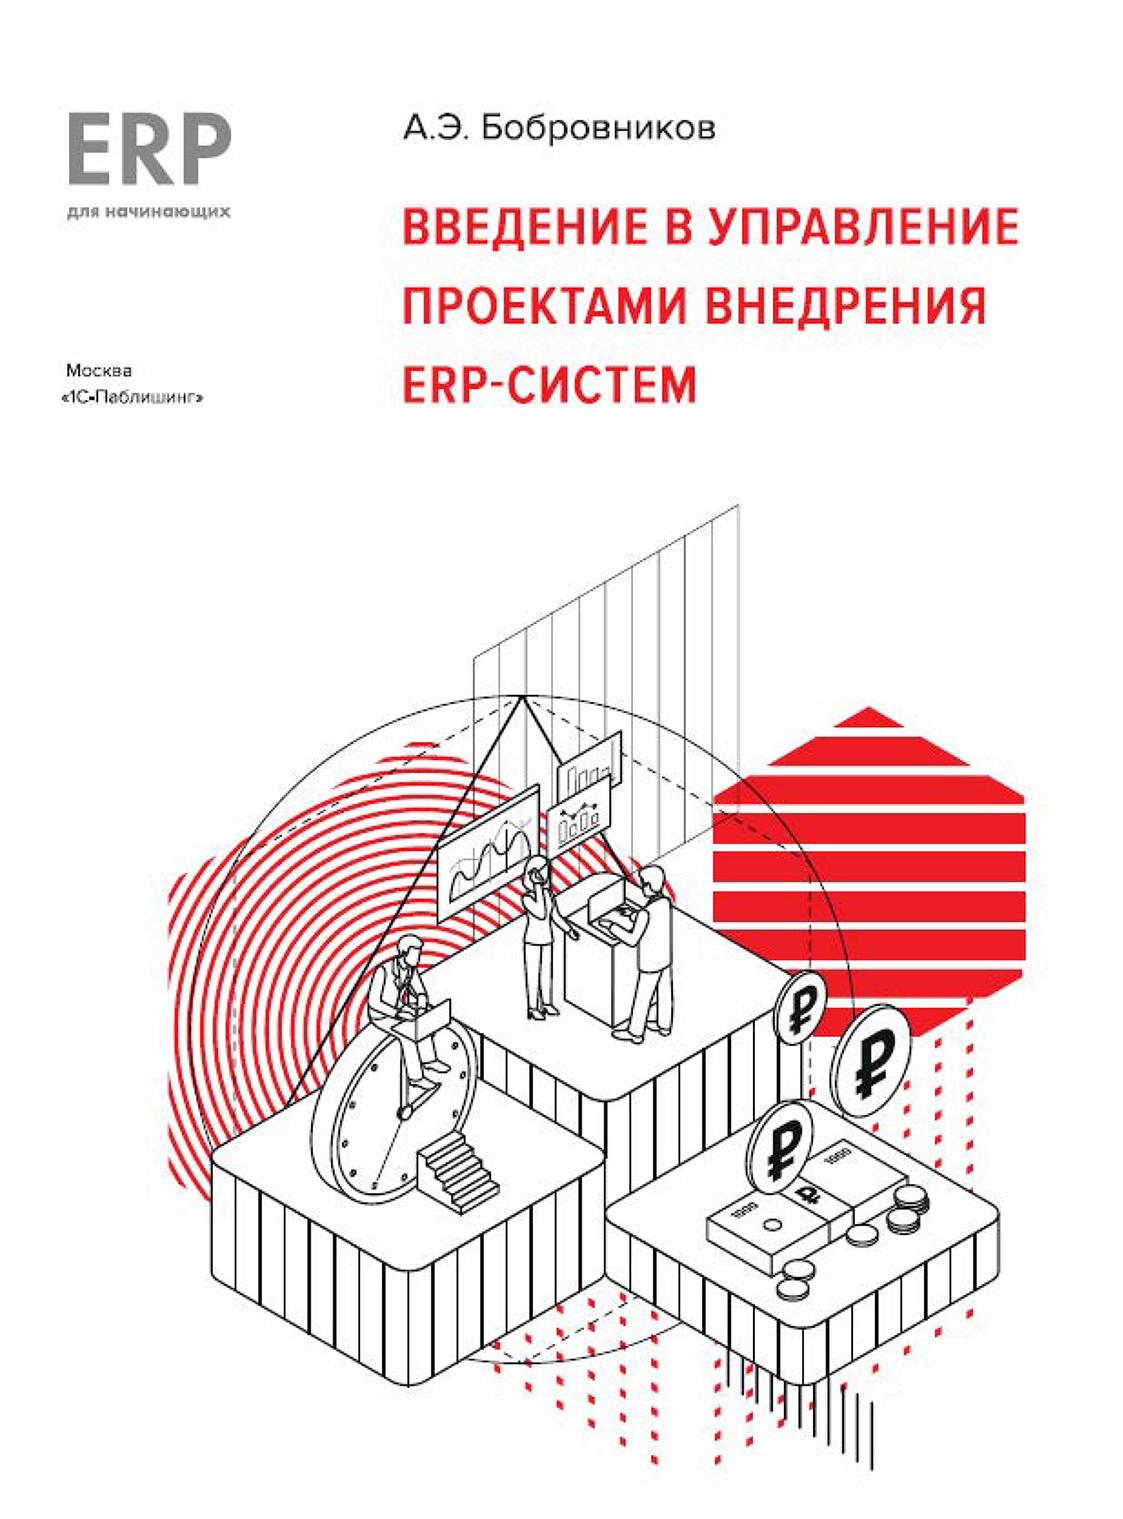 Купить книгу Введение в управление проектами внедрения ERP-систем, автора А. Э. Бобровникова